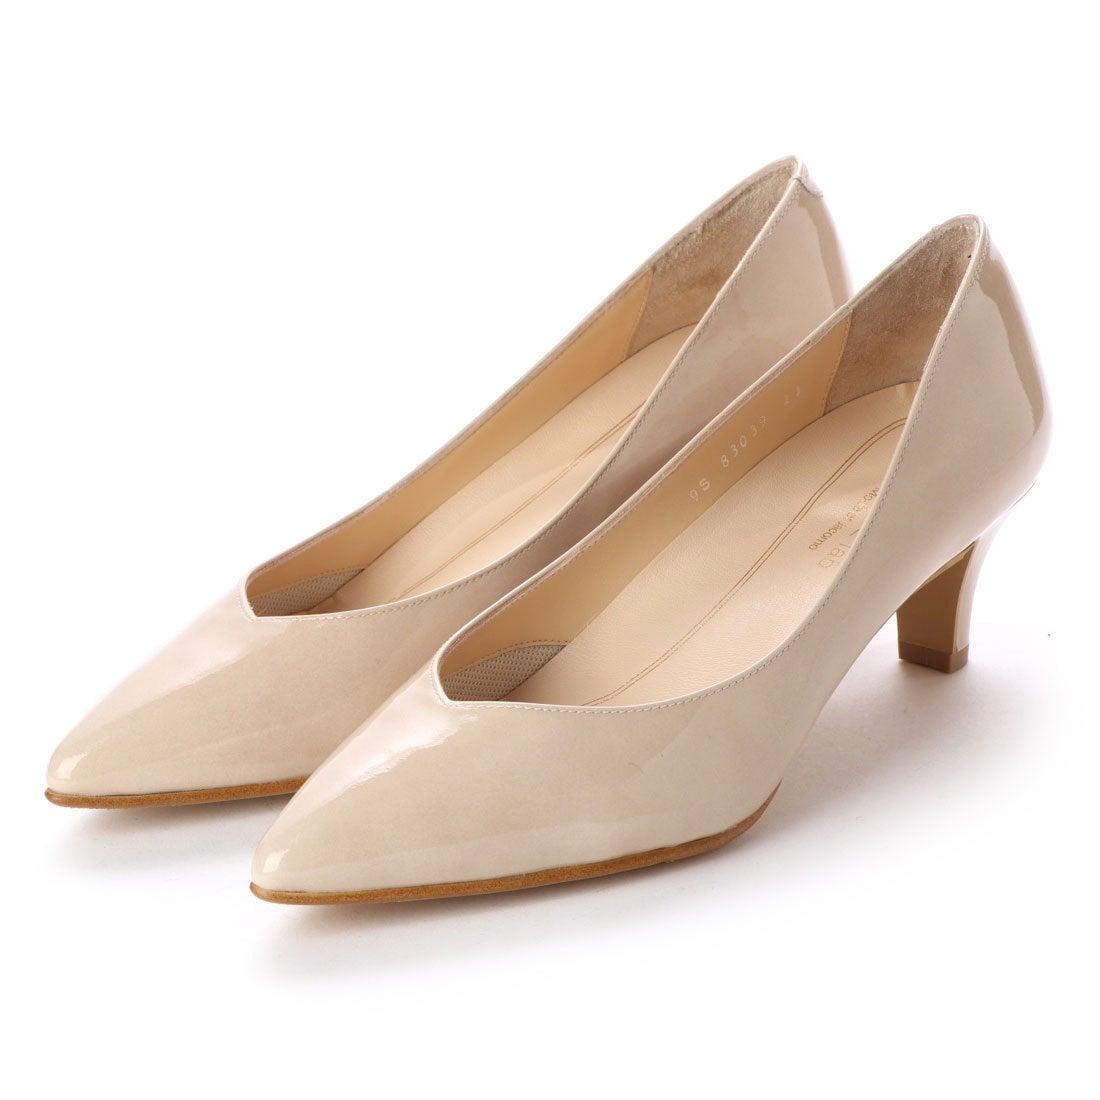 ロコンド 靴とファッションの通販サイトスタイルラボ STYLE lab パンプス (ベージュエナメル)